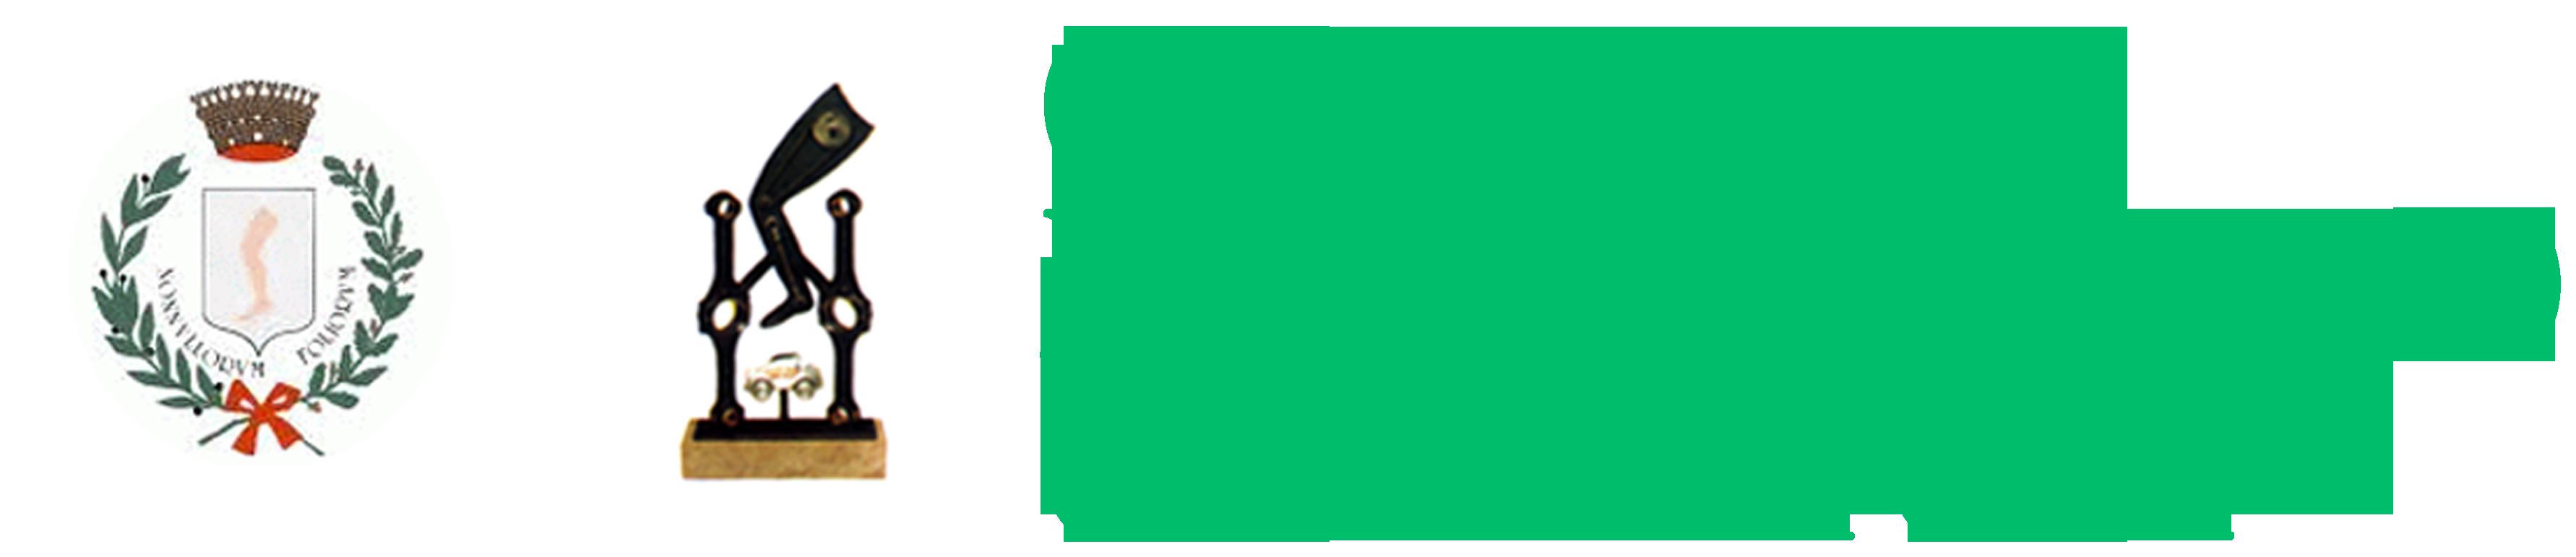 Comitato Mostrascambio Gambettola